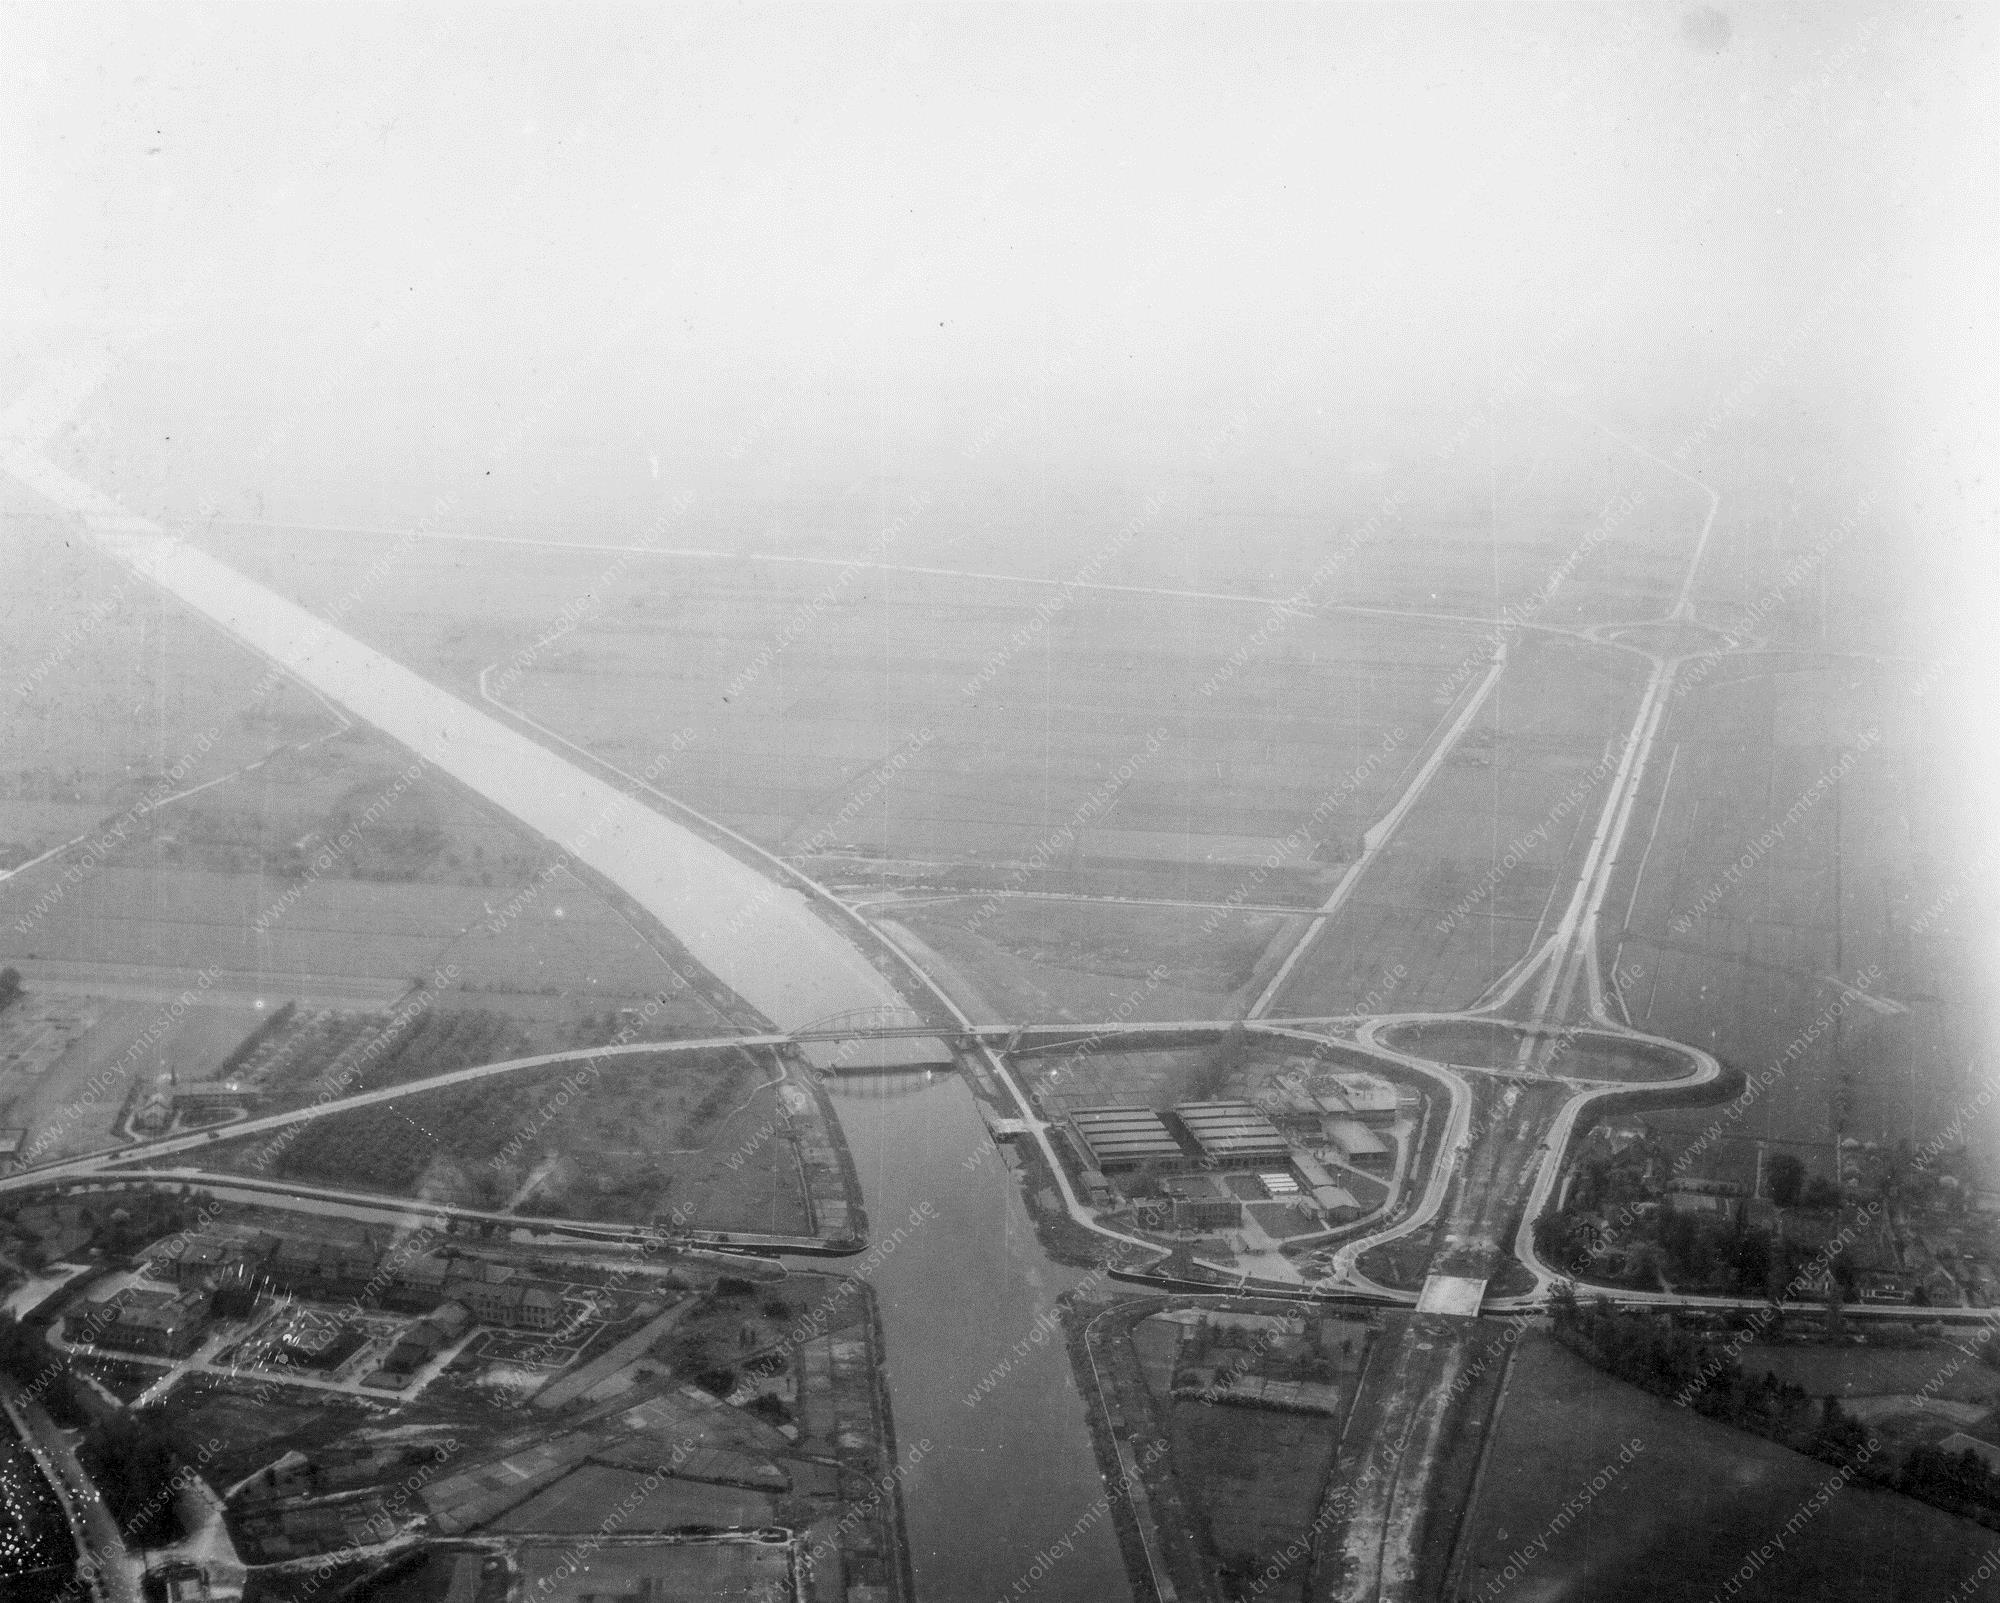 Luchtfoto van het oudste verkeersknooppunt van Nederland: Knooppunt Oudenrijn - Tweede Wereldoorlog 1945